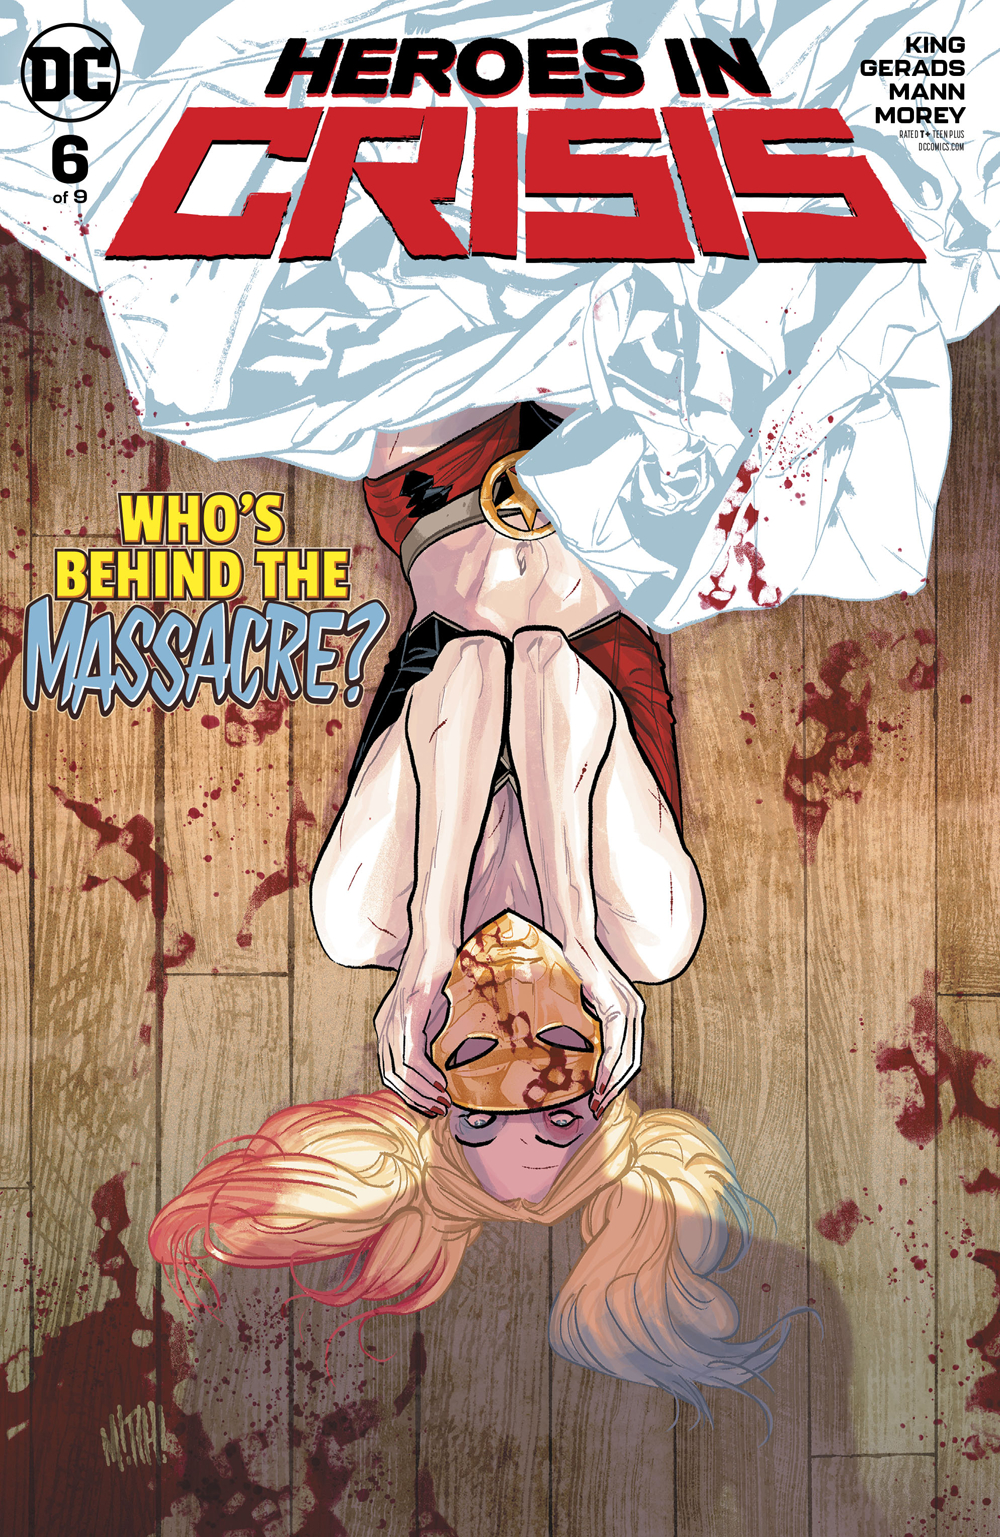 HEROES IN CRISIS #6 (OF 9)